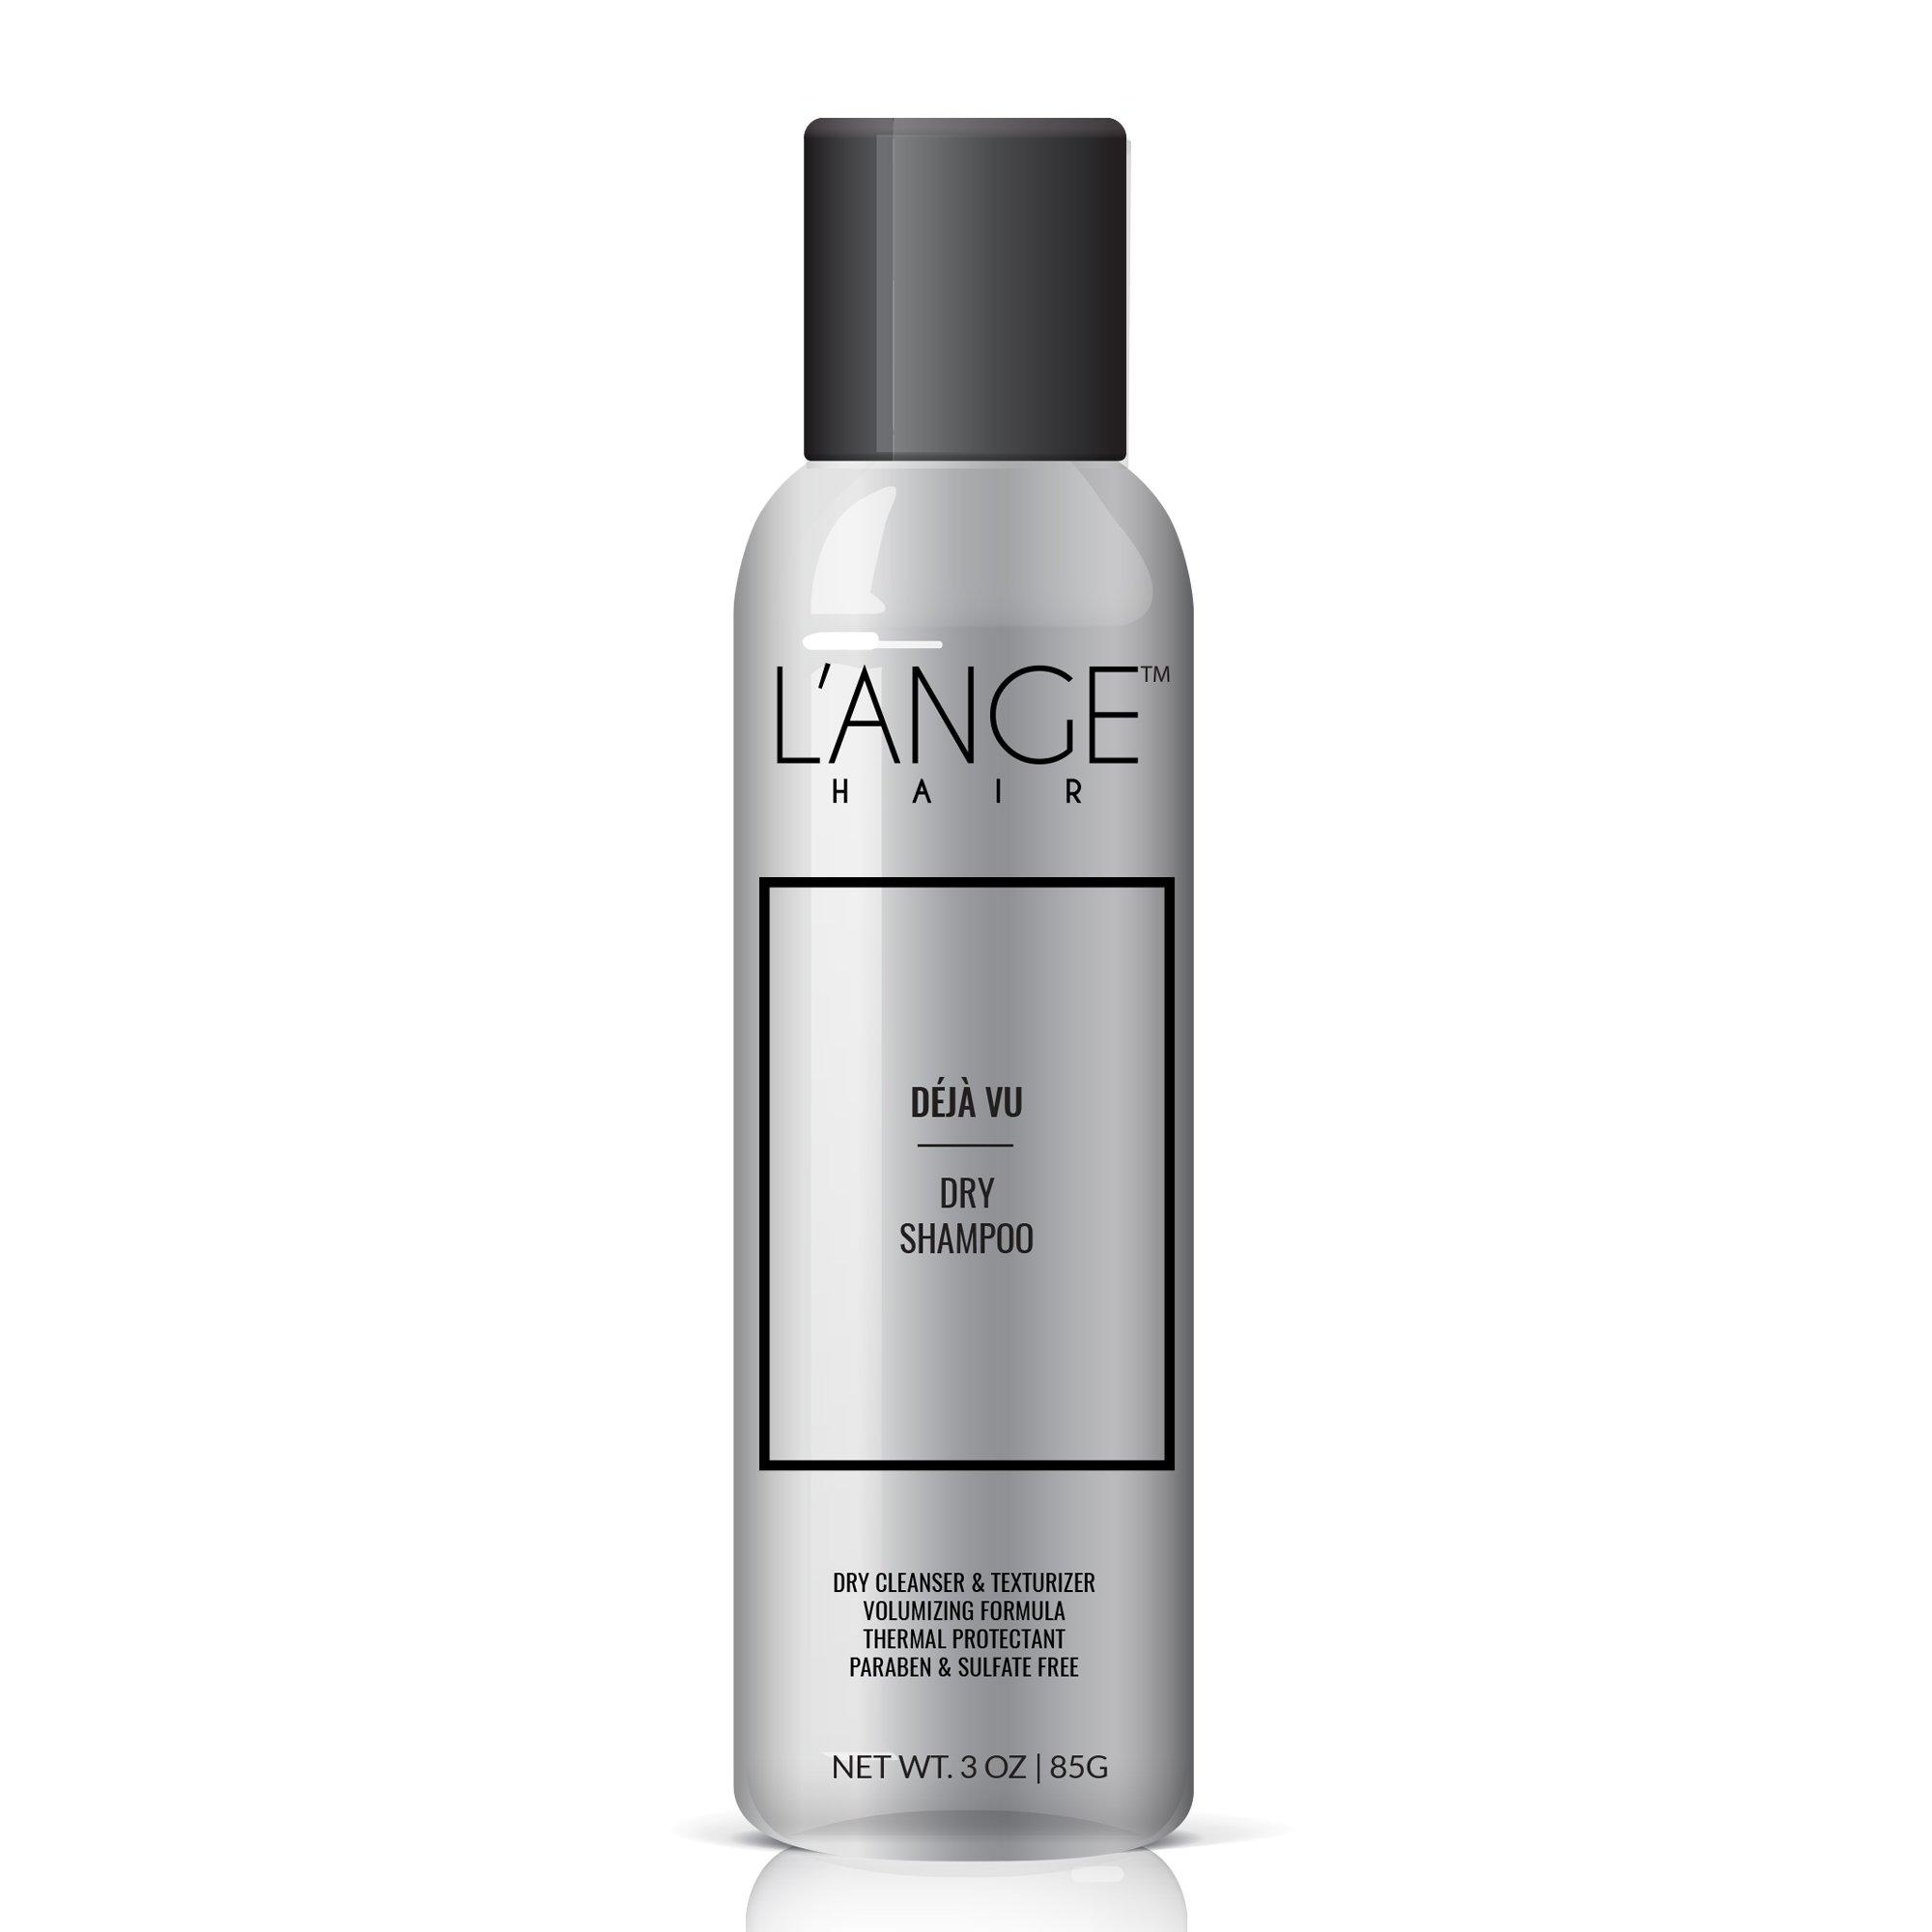 L'ANGE™ Hair Déjà Vu Dry Shampoo